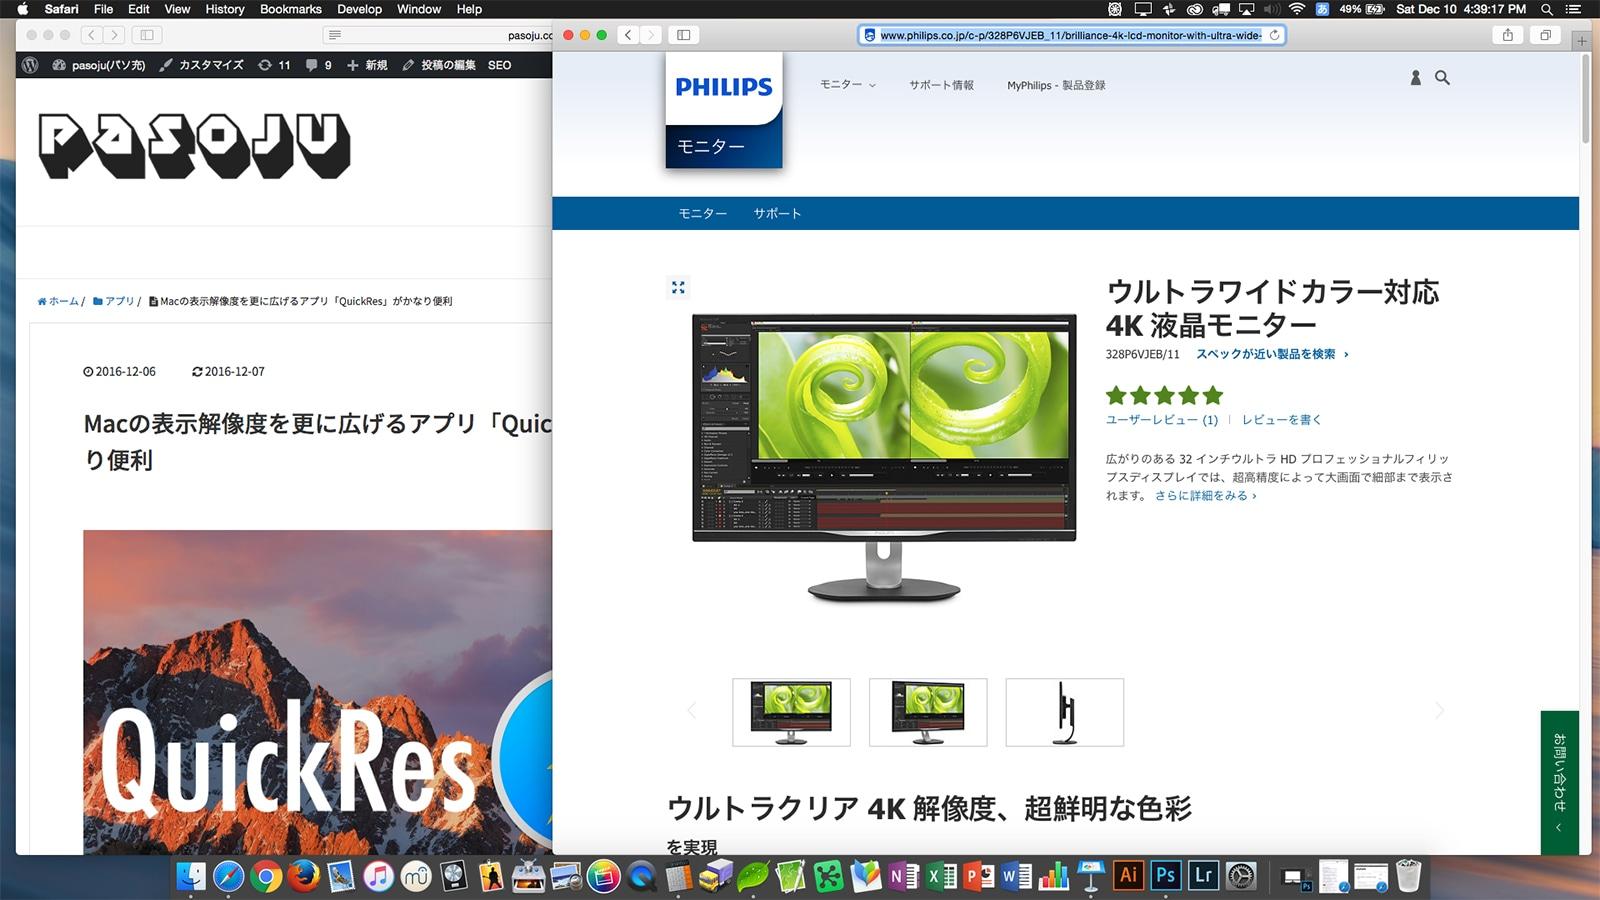 フルHD(1,920 x 1,080)のスクリーンショット